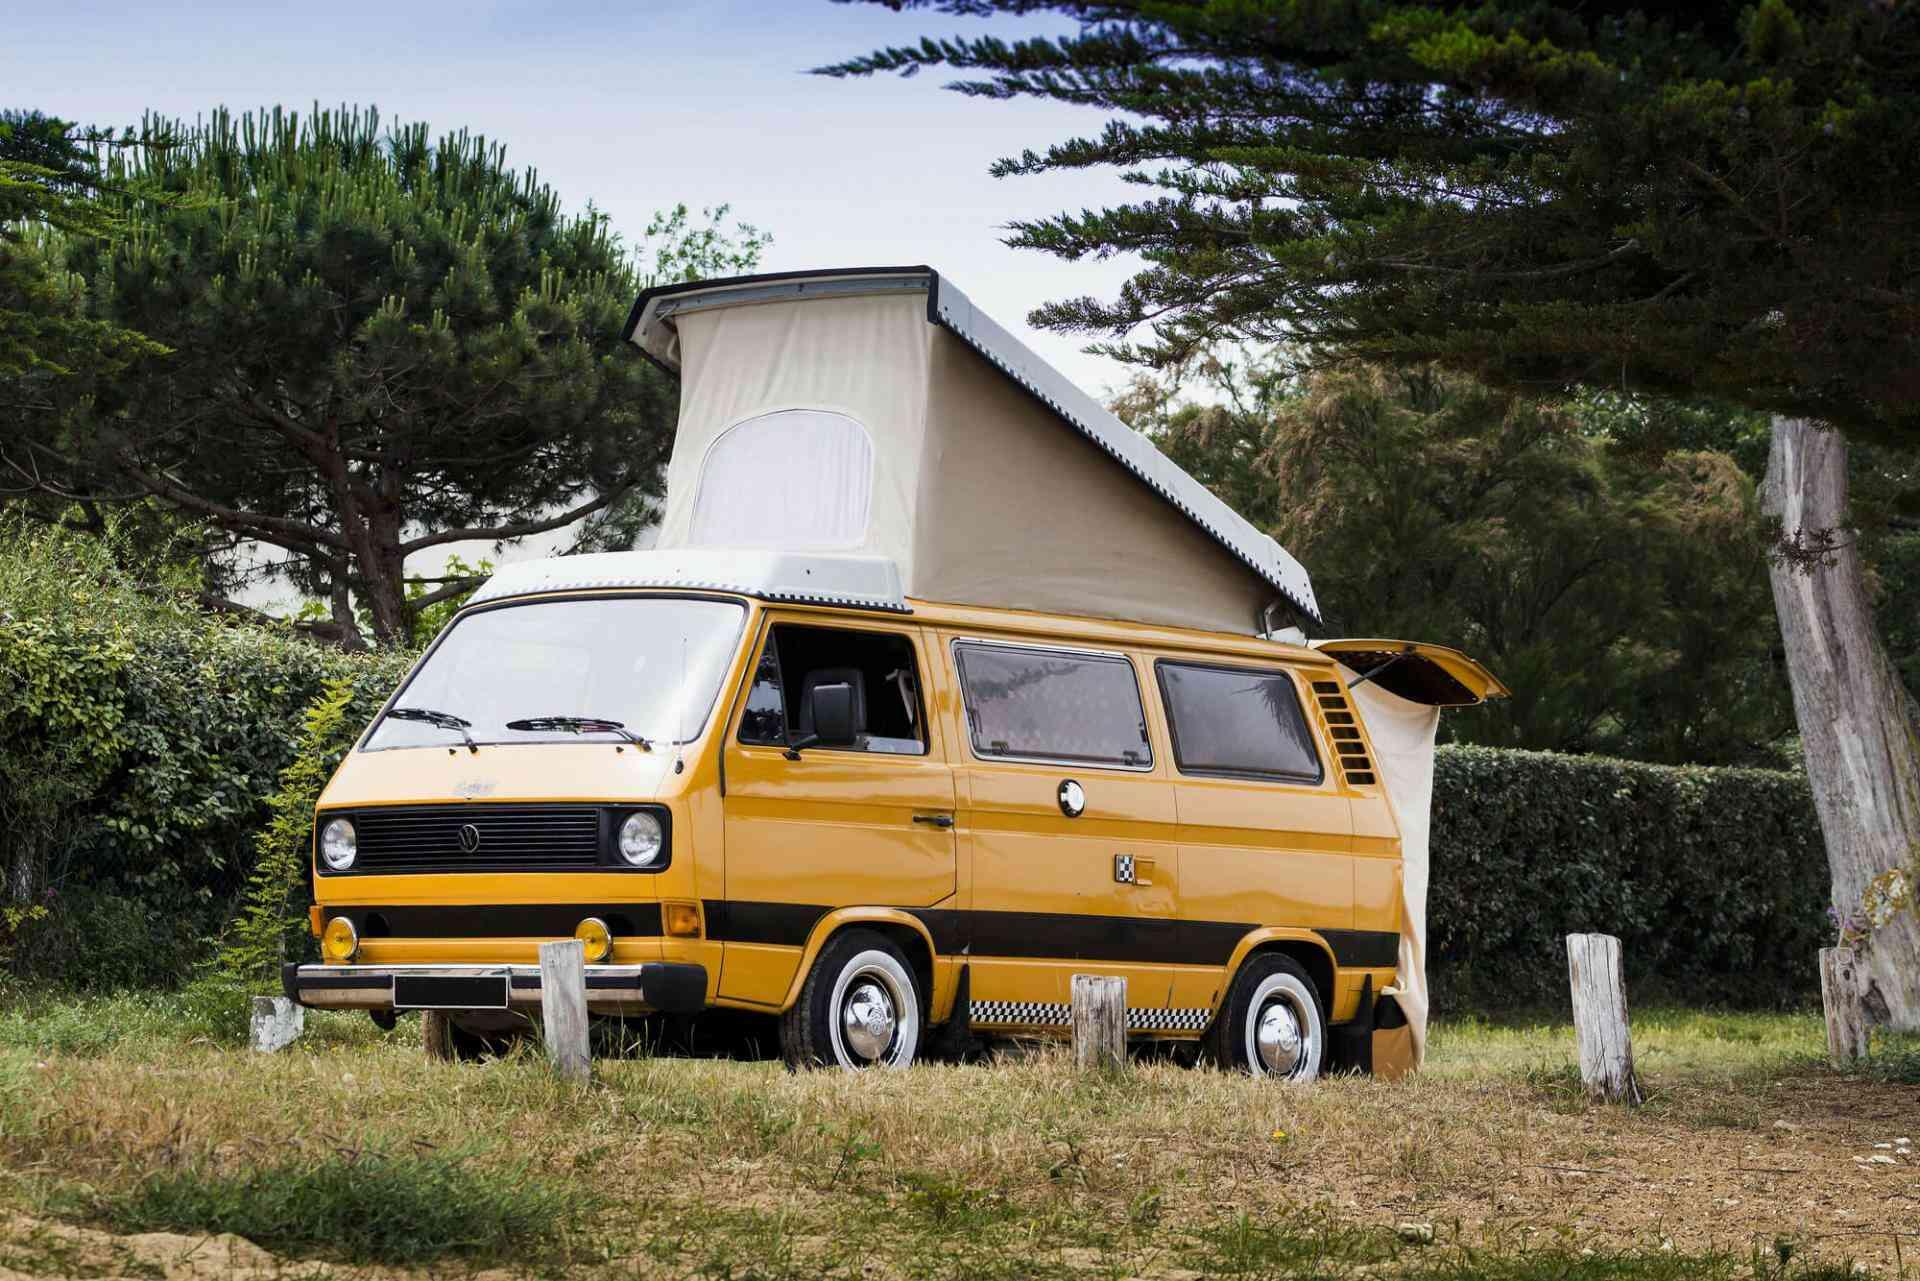 location camping car van la bree les bains 17 volkswagen westfalia combi t3 hapee. Black Bedroom Furniture Sets. Home Design Ideas